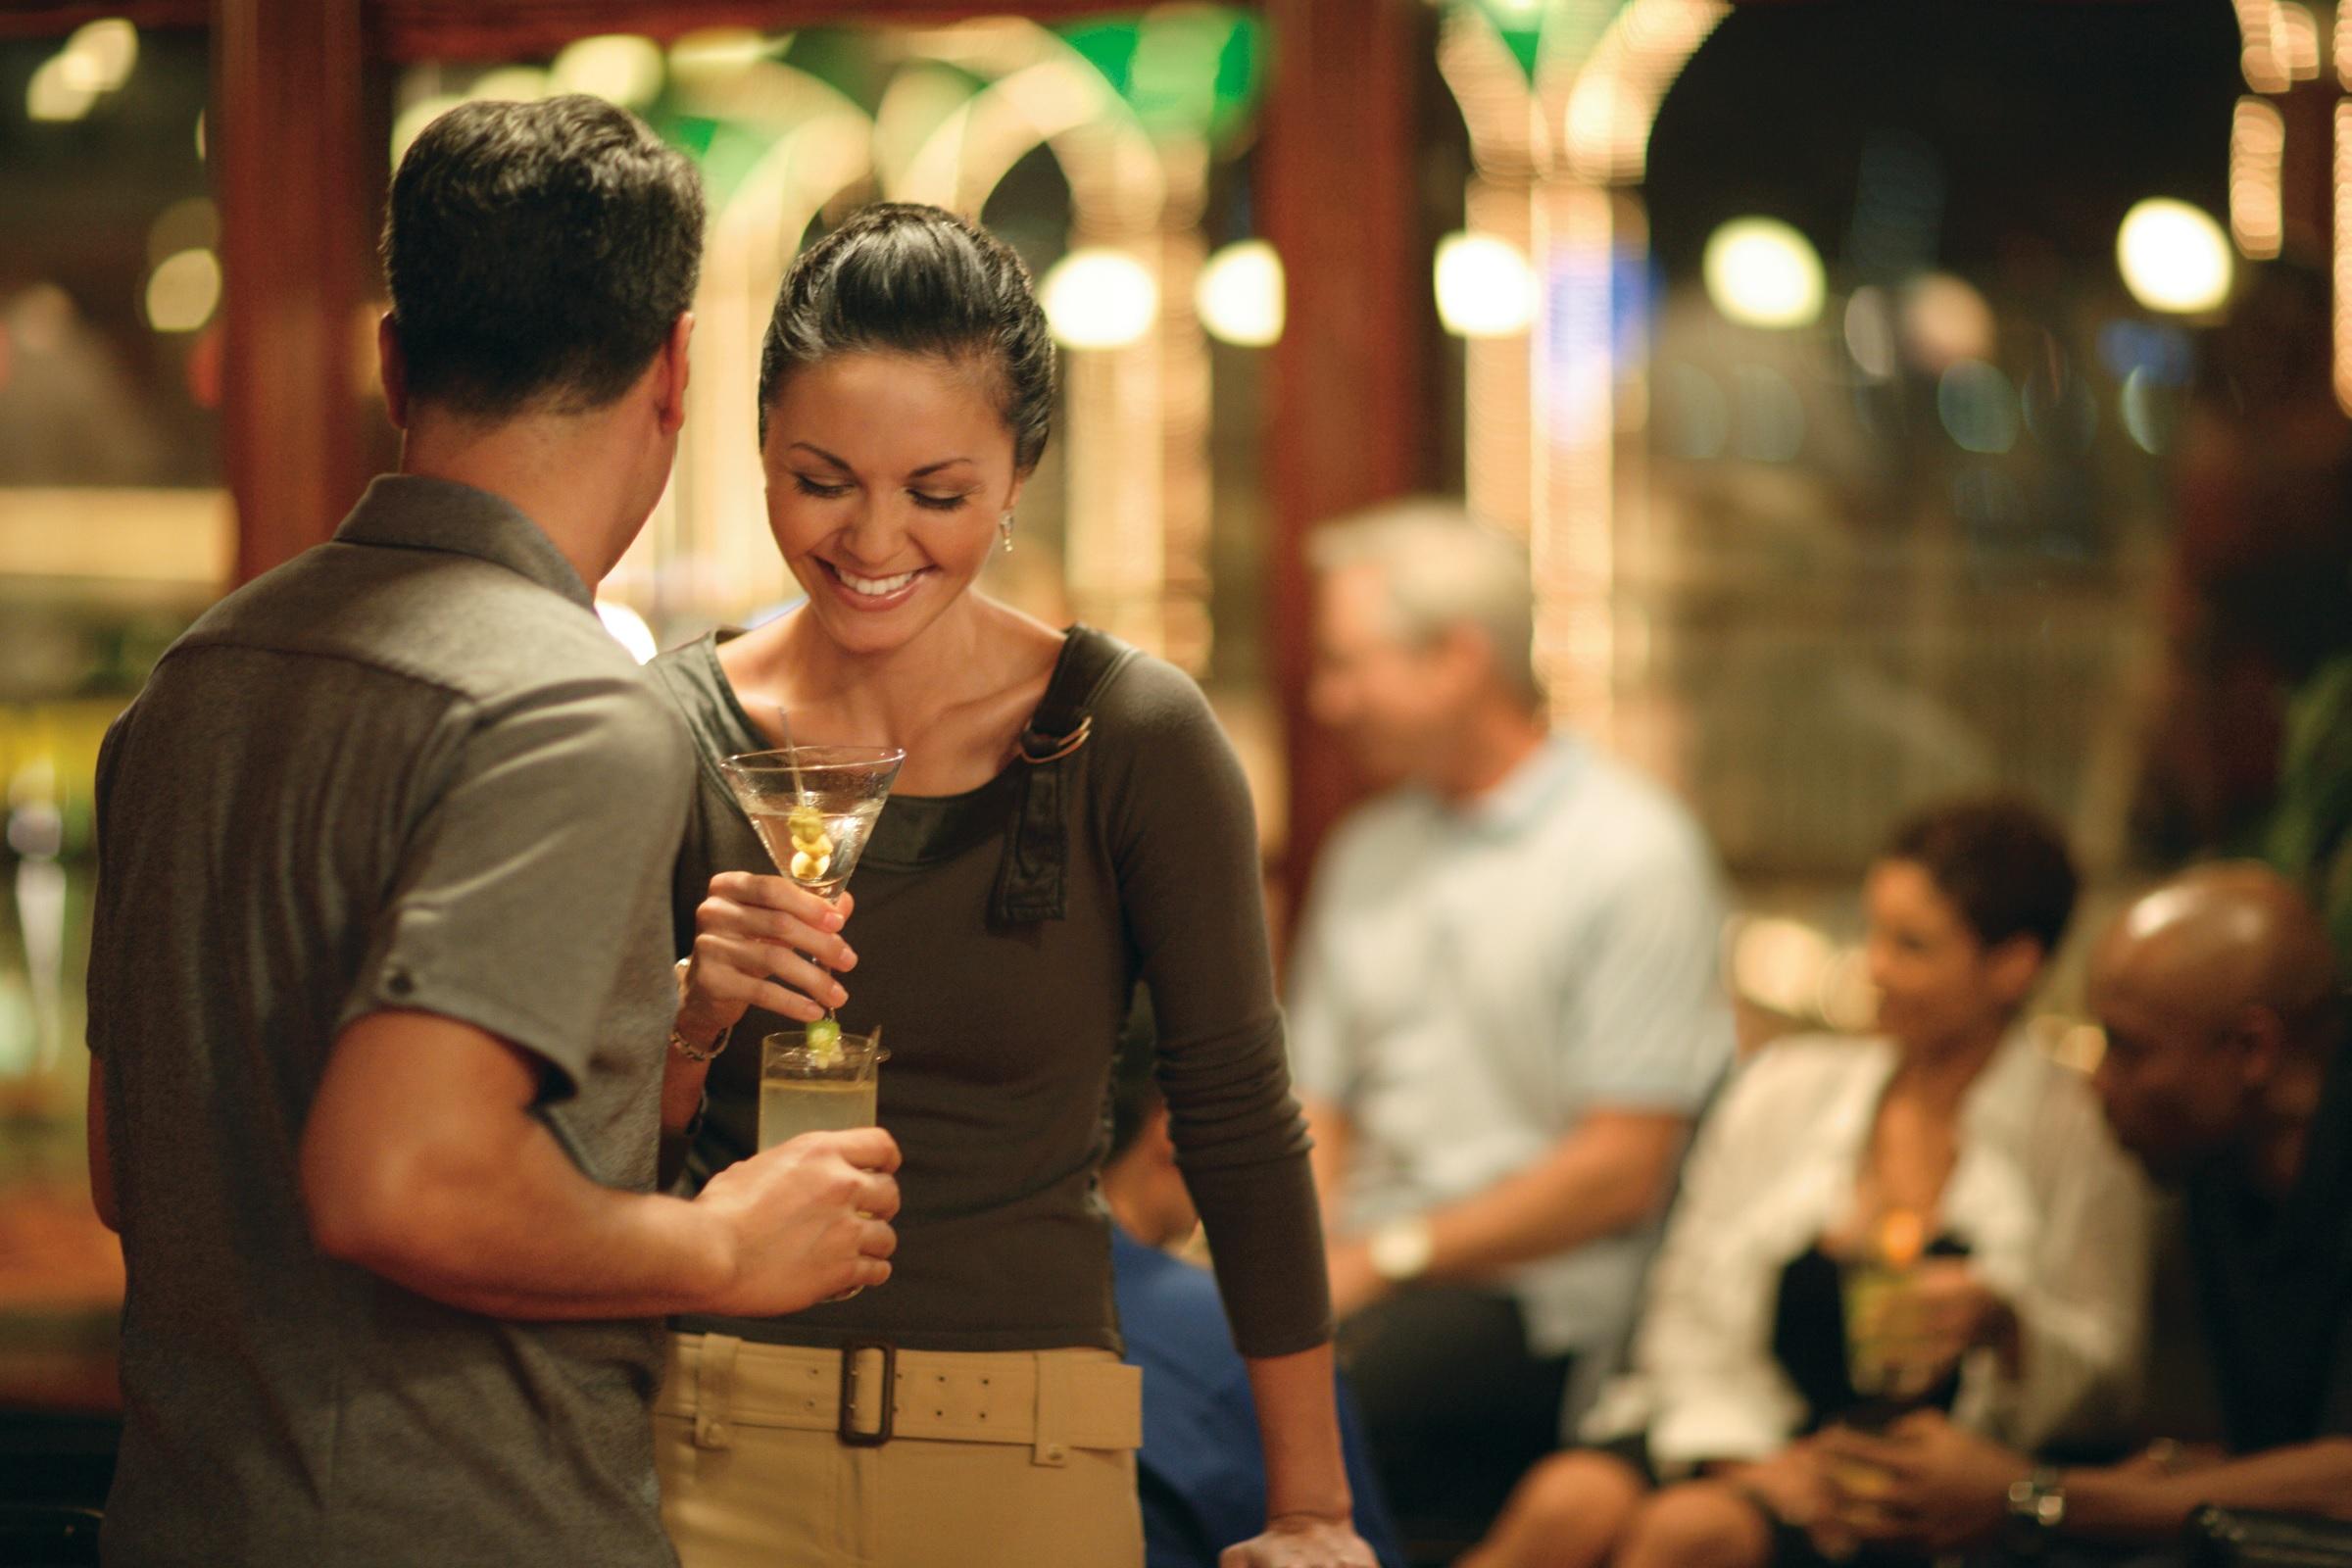 RSD dating advies op dochters en dating hoe de vrijers te intimideren